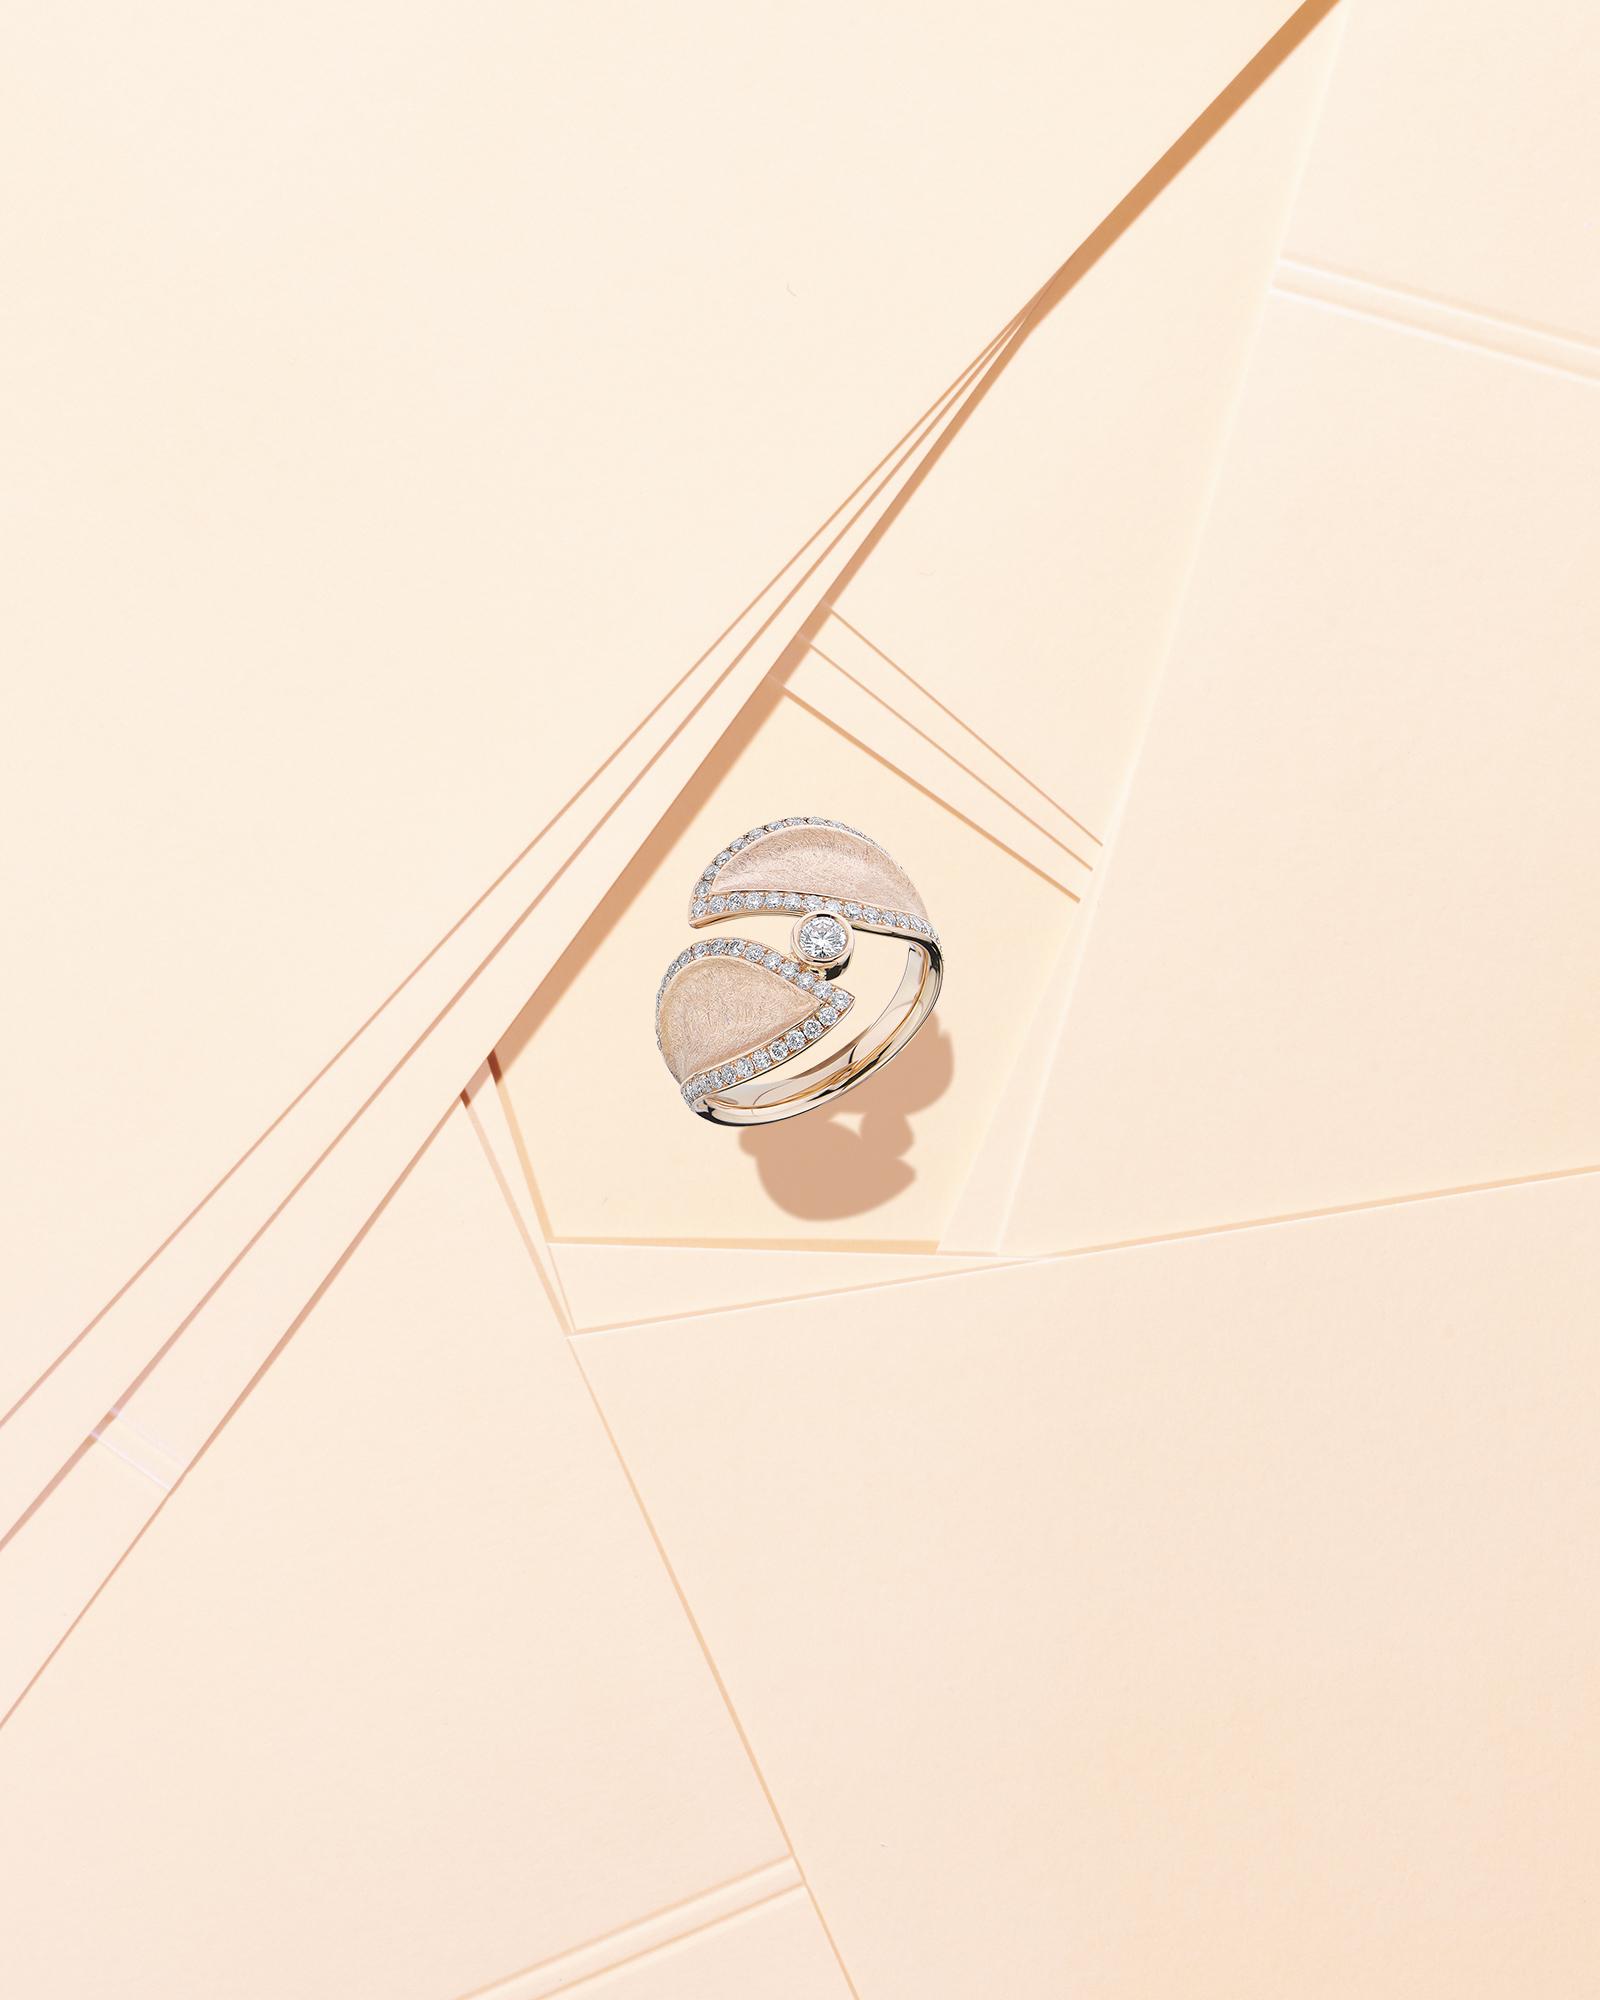 Bijoutier Frieden - image créative d'une bague en or rose